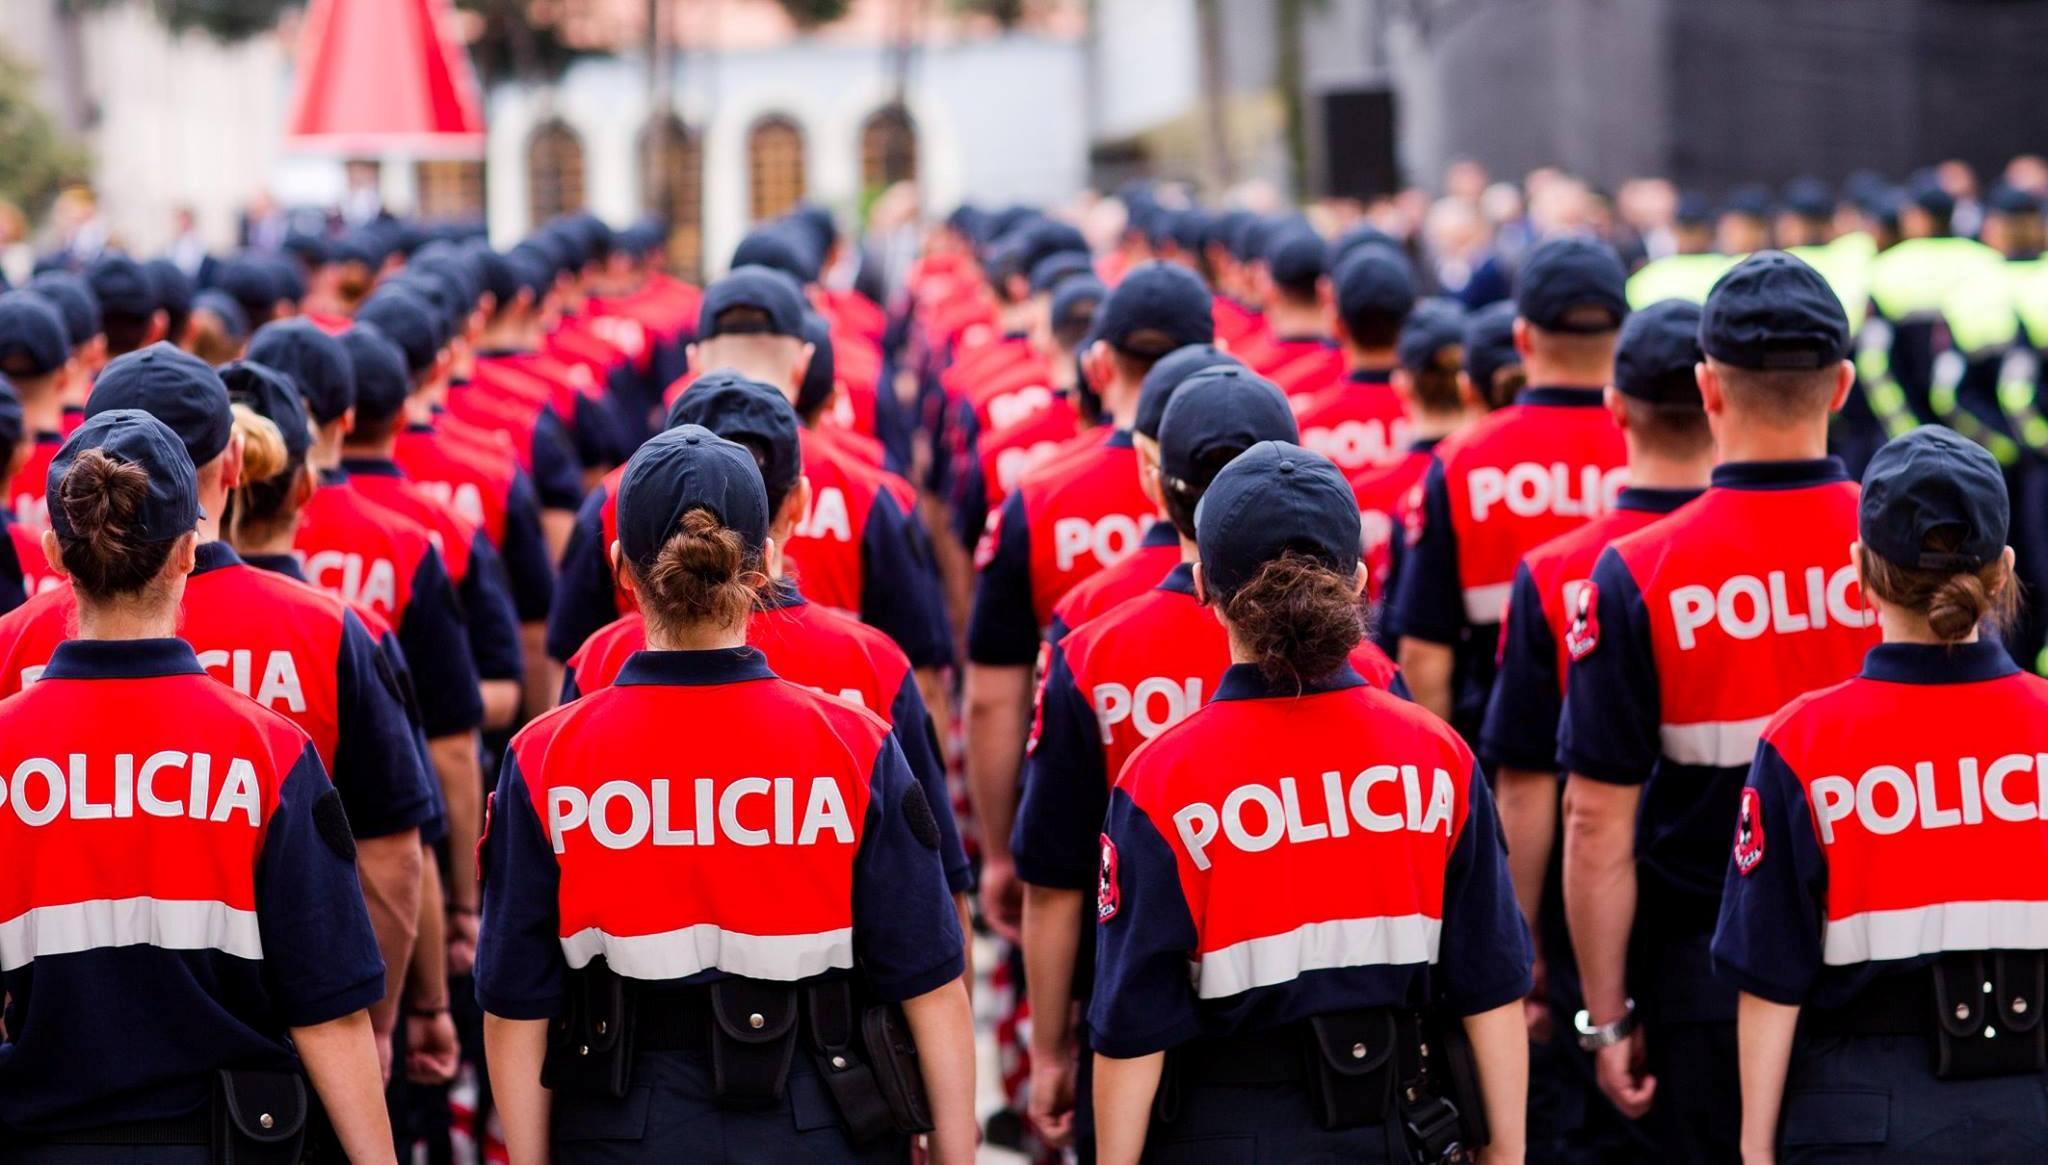 Skandali me tenderin e policisë/ Mungojnë 239 mijë artikuj, kapele uniforma dhe këpucët dimërore, verore dhe të plazhit